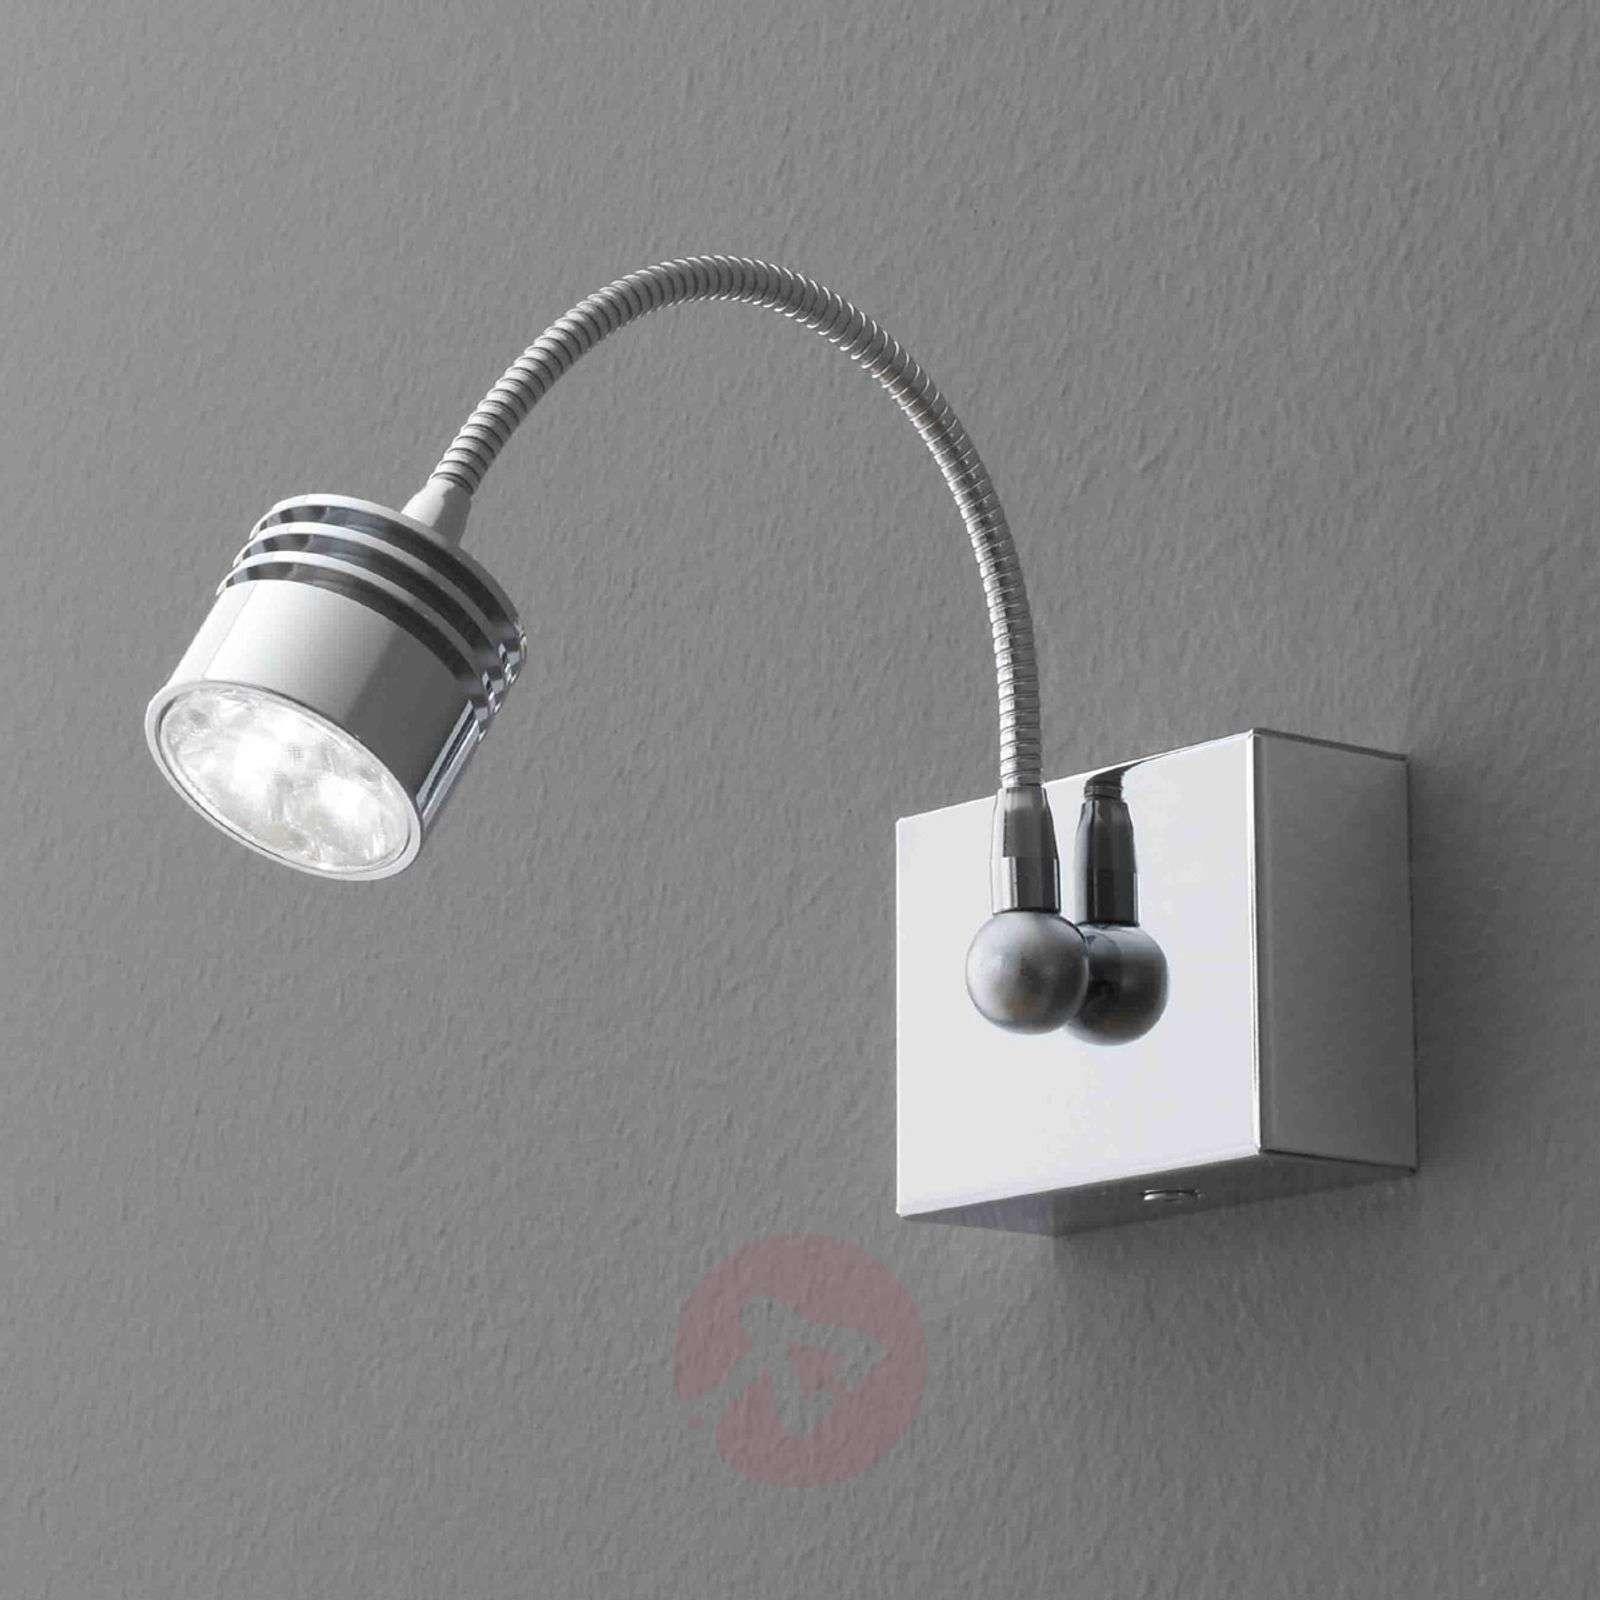 Kromattu Look Me-LED-seinävalaisin, 3,3 W-3040022-01